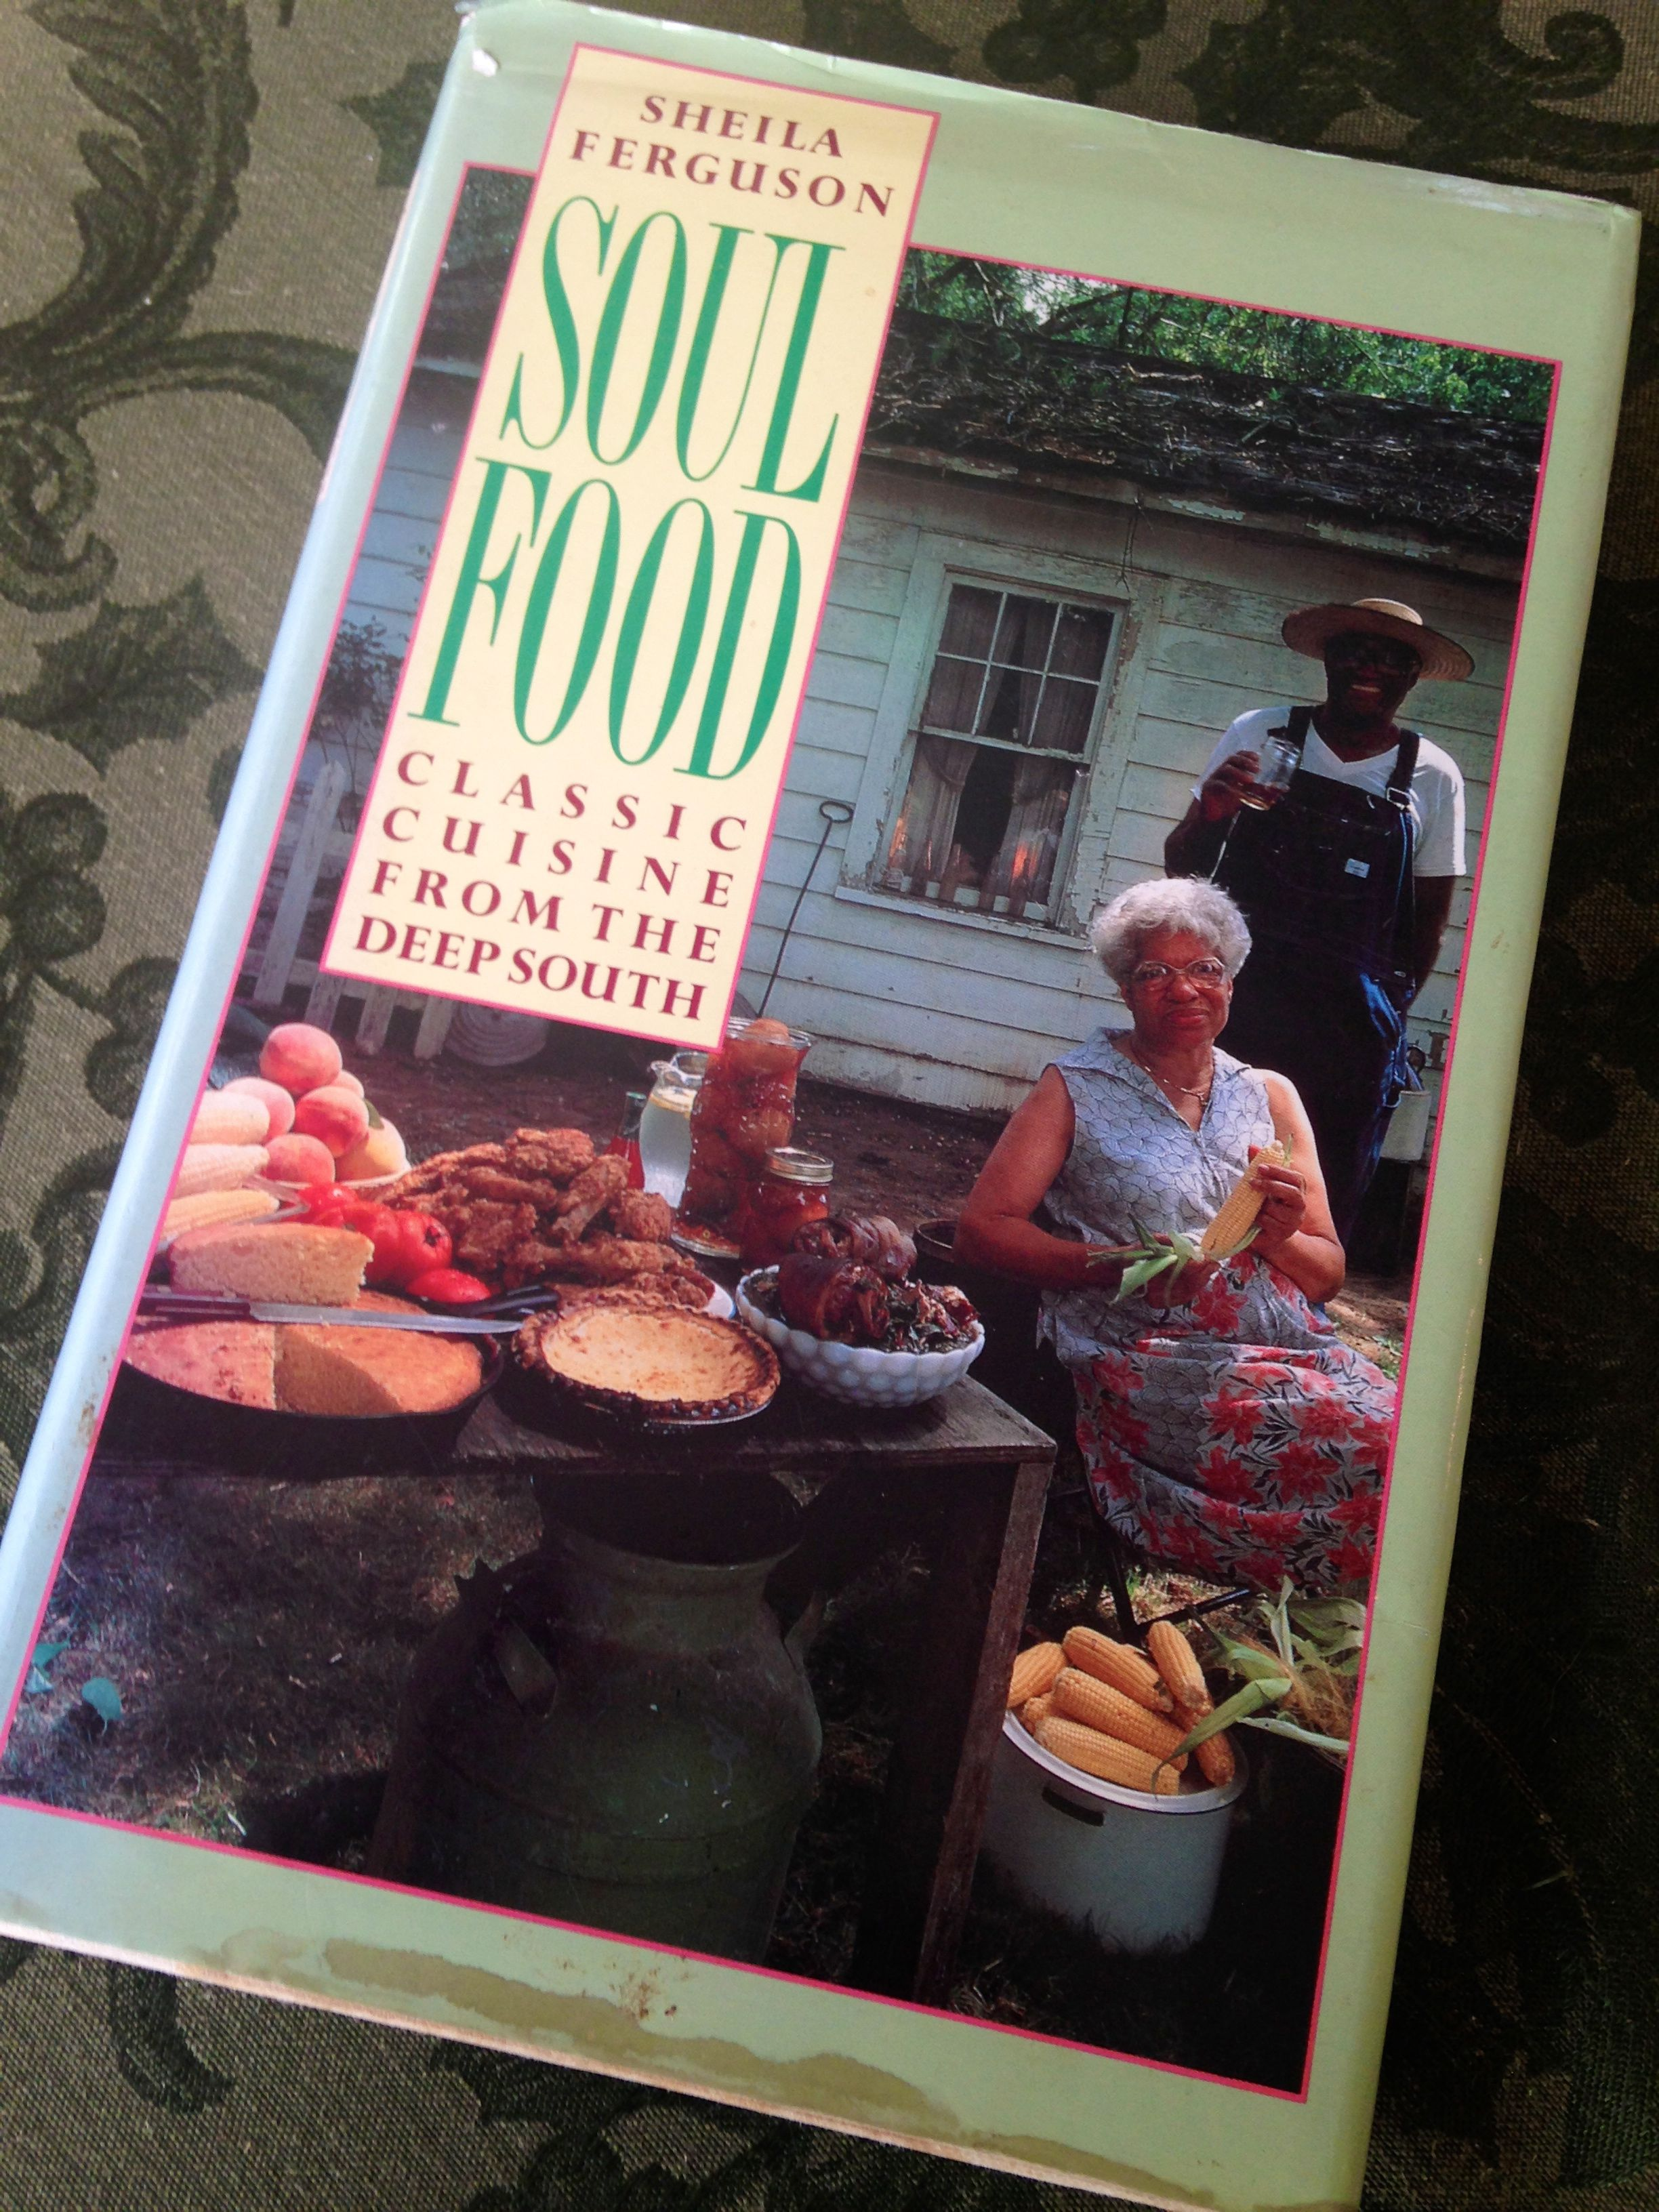 Soul Food S. Ferguson